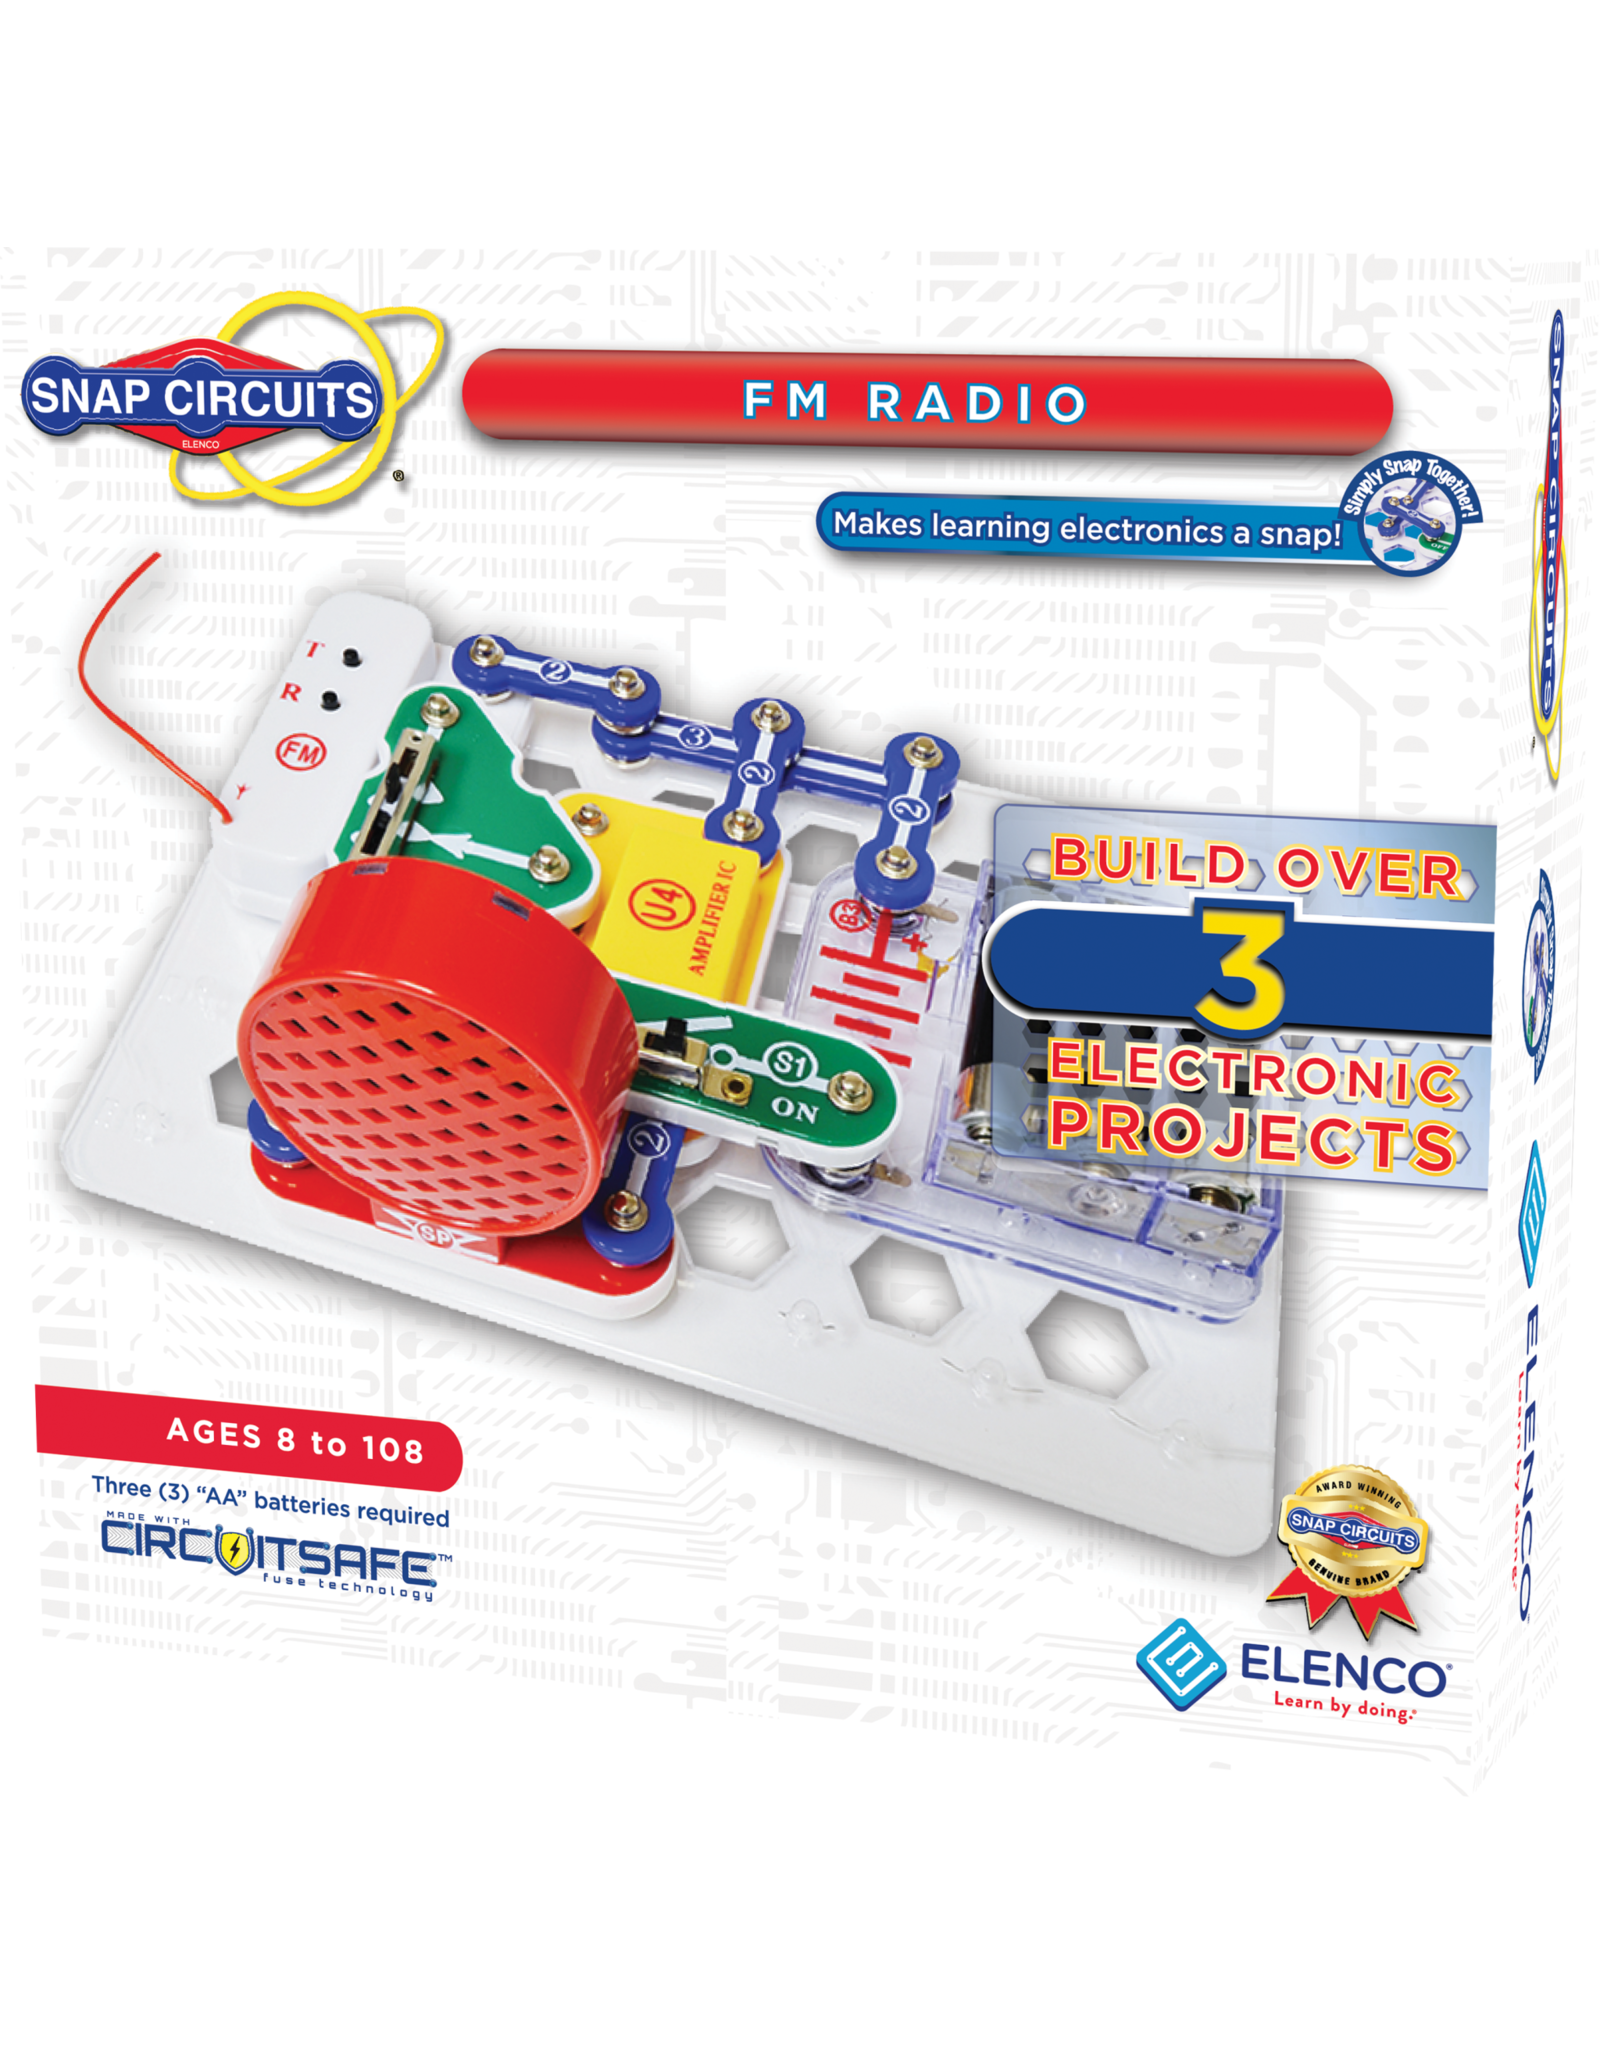 SNAP CIRCUITS Snap Circuits FM Radio